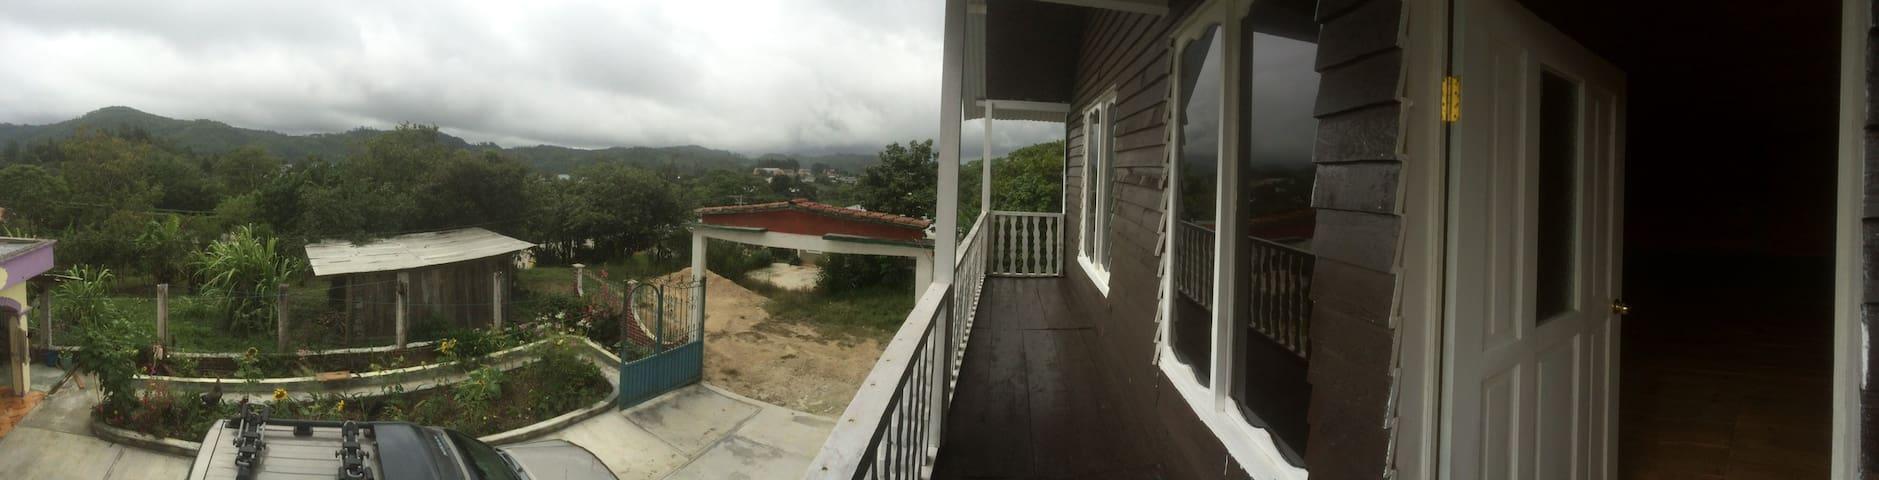 Habitacion cabaña lagos de Montebello